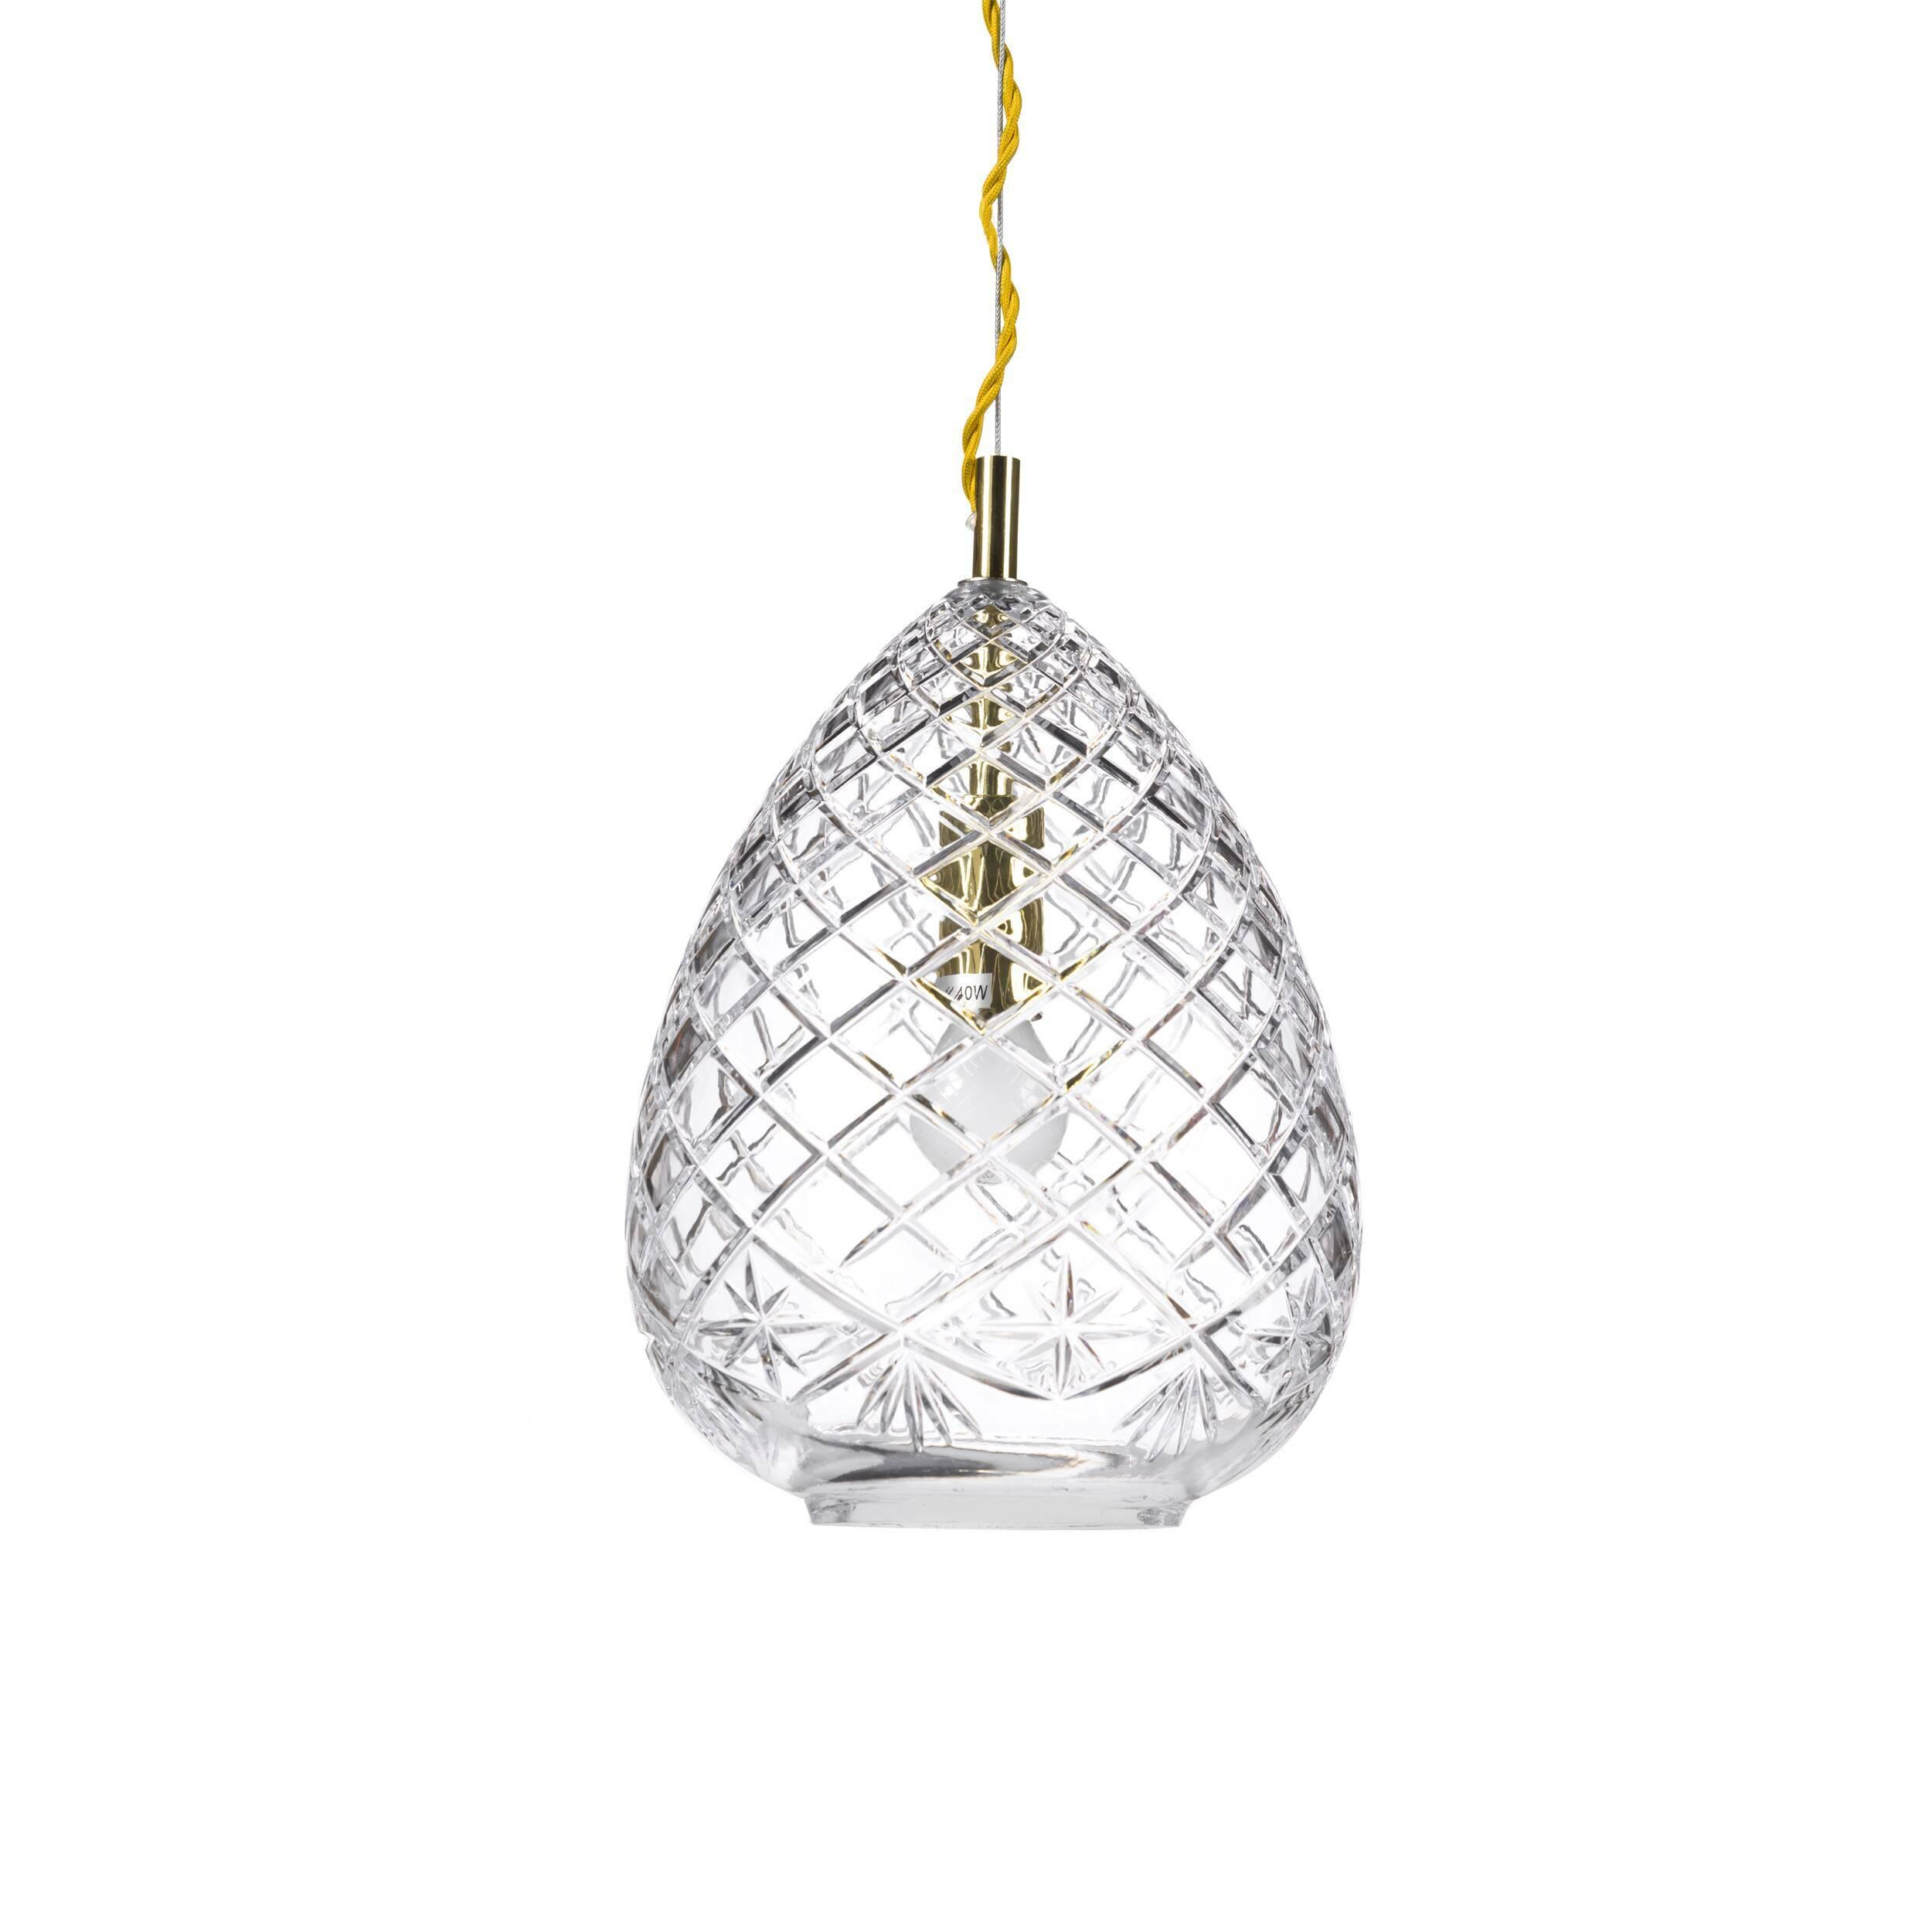 Подвесной светильник Ice PithosПодвесные<br>«А что, позвольте поинтересоваться, ваза забыла у вас на потолке? И почему ко всему прочему она светит?»<br> <br> А потому, что дизайнеры подвесного светильника Ice Pithos — большие виртуозы в своем деле. Материал, цвет, объемный узор — все это прямая отсылка к хрустальным вазам, которые по-прежнему хранятся у многих из нас. Но глядя на них, никто не ожидал, что из них вышел бы отличный дизайнерский светильник! Свет, проходящий сквозь стенки изделия, изящно преломляется в гранях рисунка. Необычна...<br><br>stock: 3<br>Высота: 180<br>Диаметр: 19<br>Количество ламп: 1<br>Материал абажура: Стекло<br>Мощность лампы: 40<br>Ламп в комплекте: Нет<br>Напряжение: 220<br>Тип лампы/цоколь: E14<br>Цвет абажура: Прозрачный